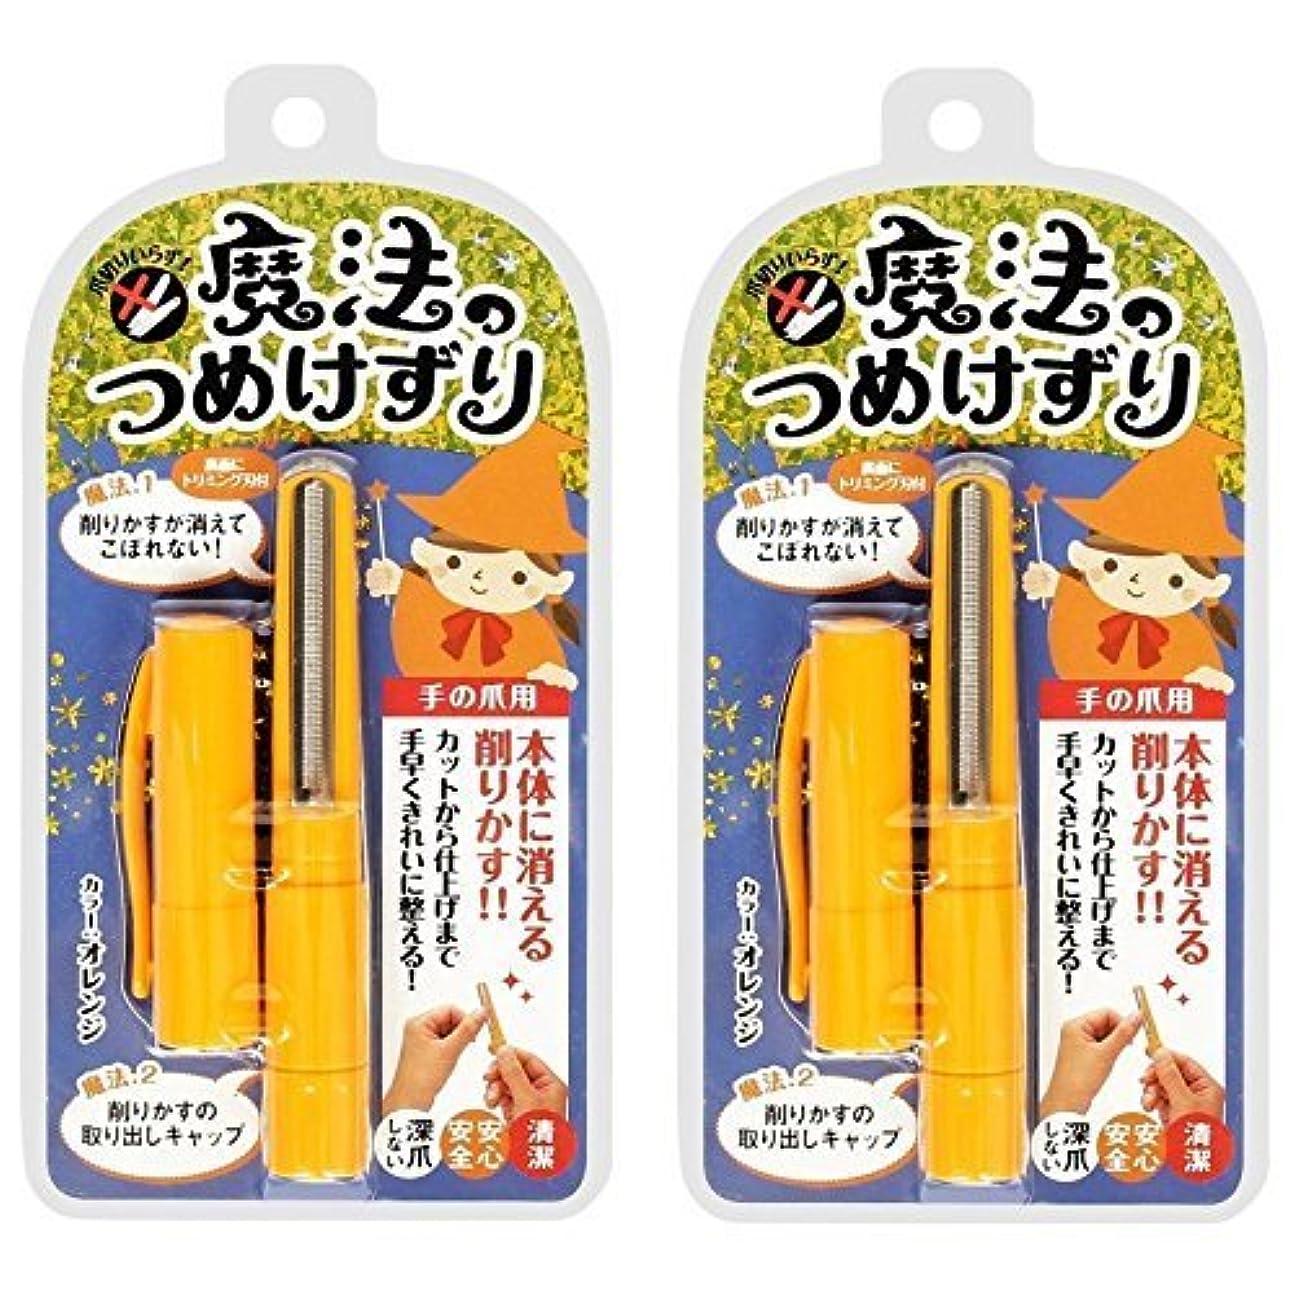 障害者シンク動く【セット品】松本金型 魔法のつめけずり MM-090 オレンジ (2個)